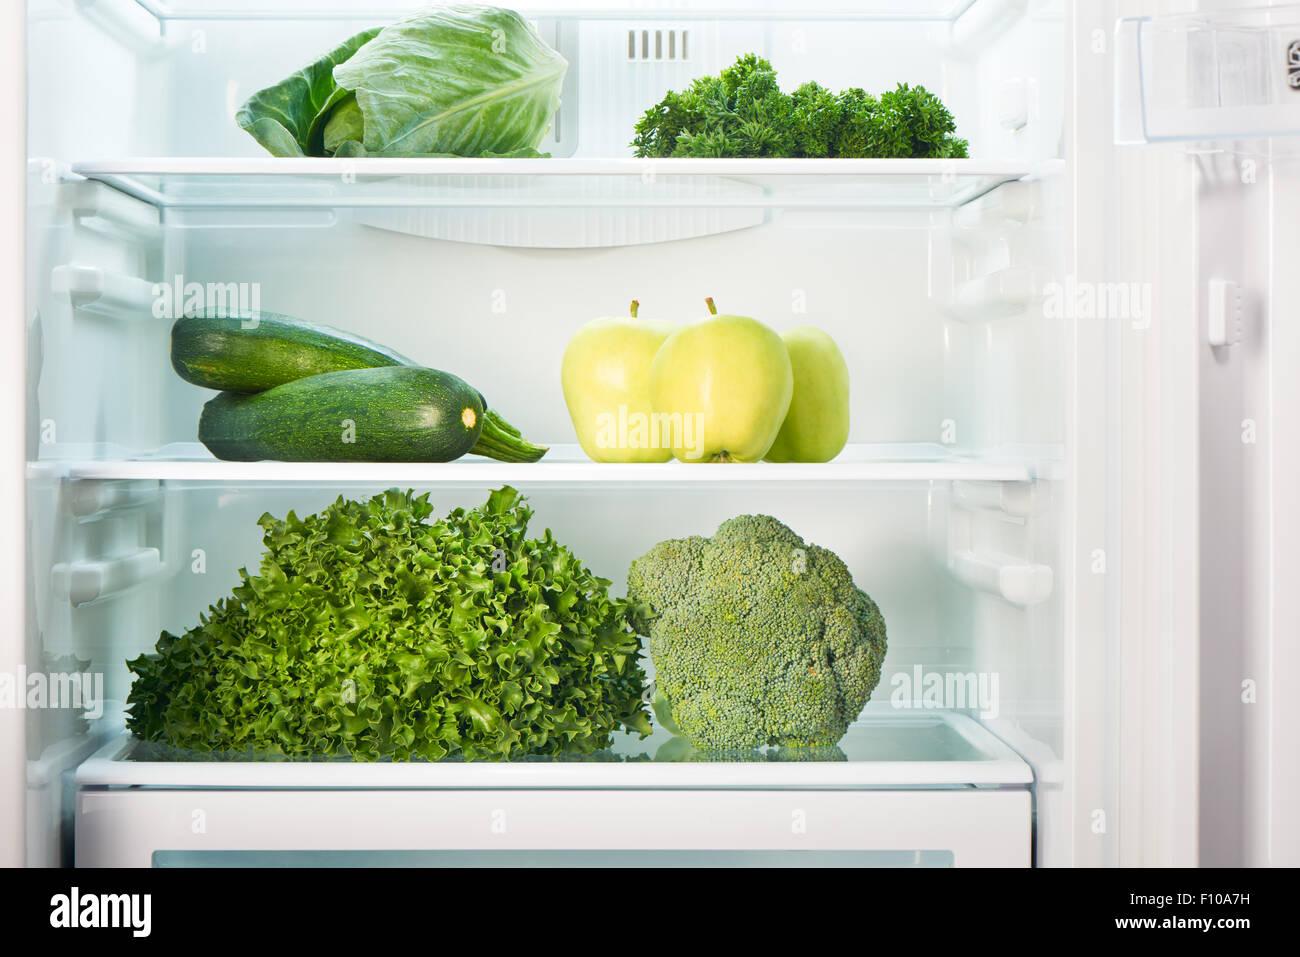 Lose weight protein diet plan